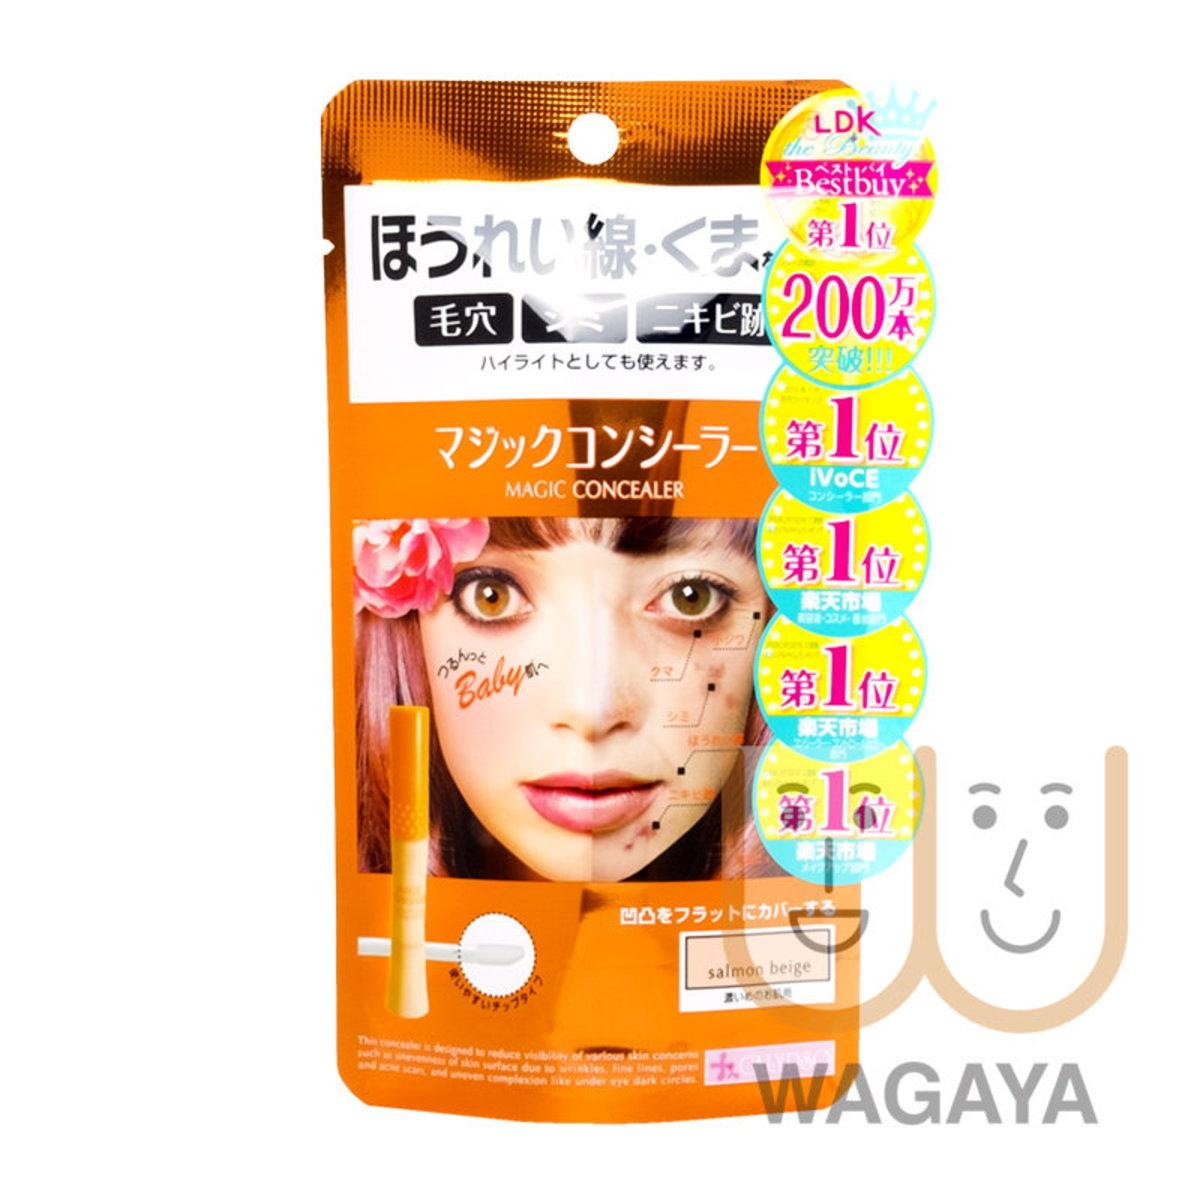 Magic Concealer 多功能魔法自然膚色遮瑕膏 6g (橙色) (平行進口貨品)